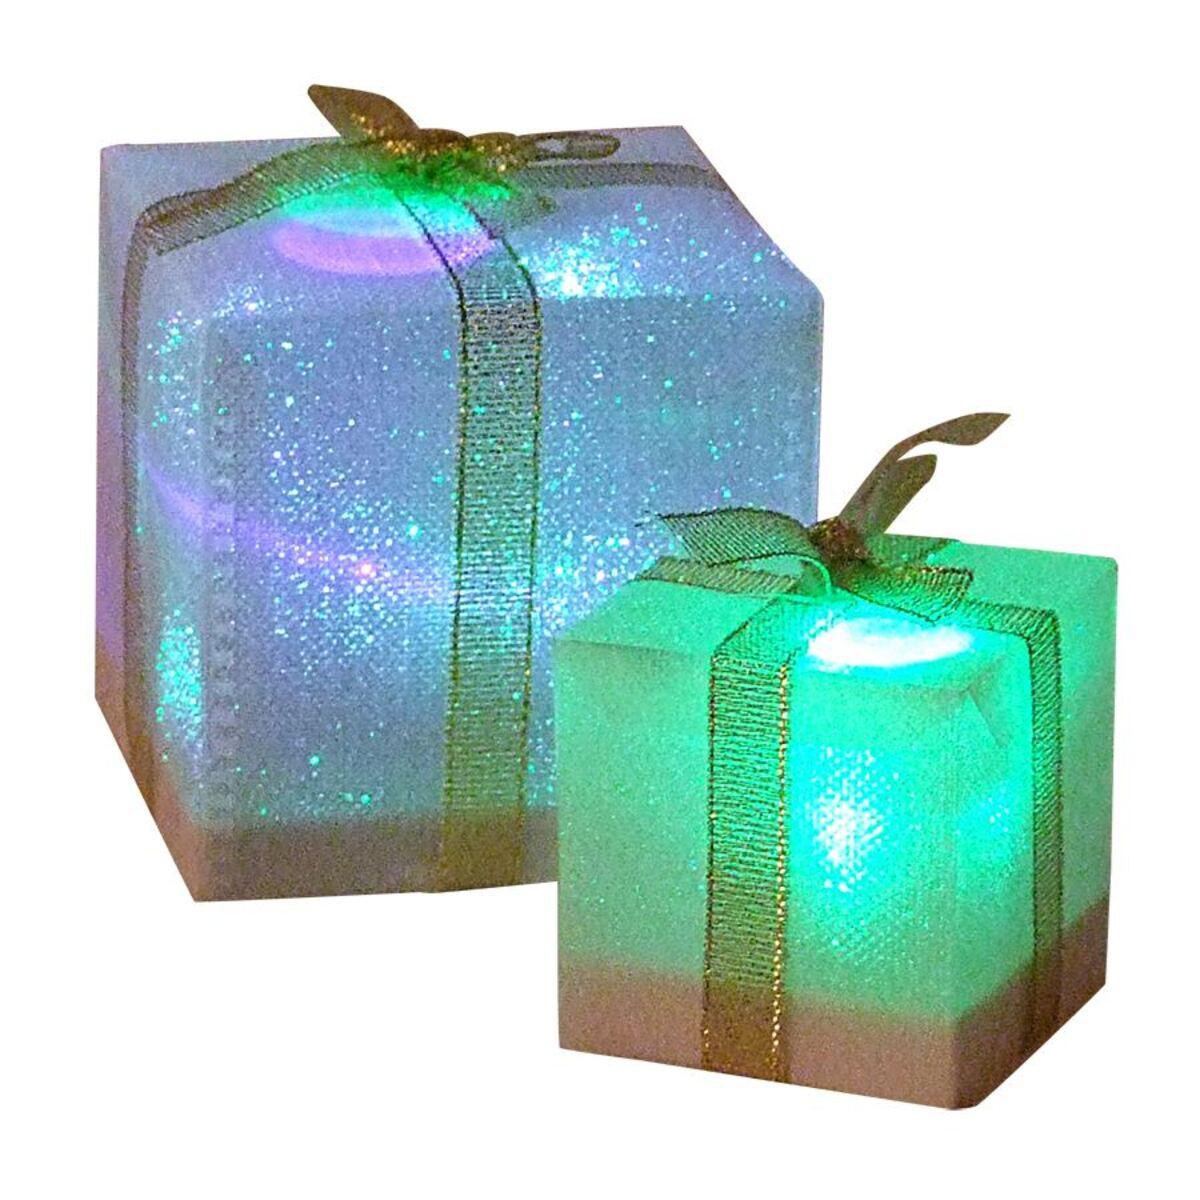 Bild 3 von LED-Geschenkpäckchen mit Farbwechsler 7,5cm